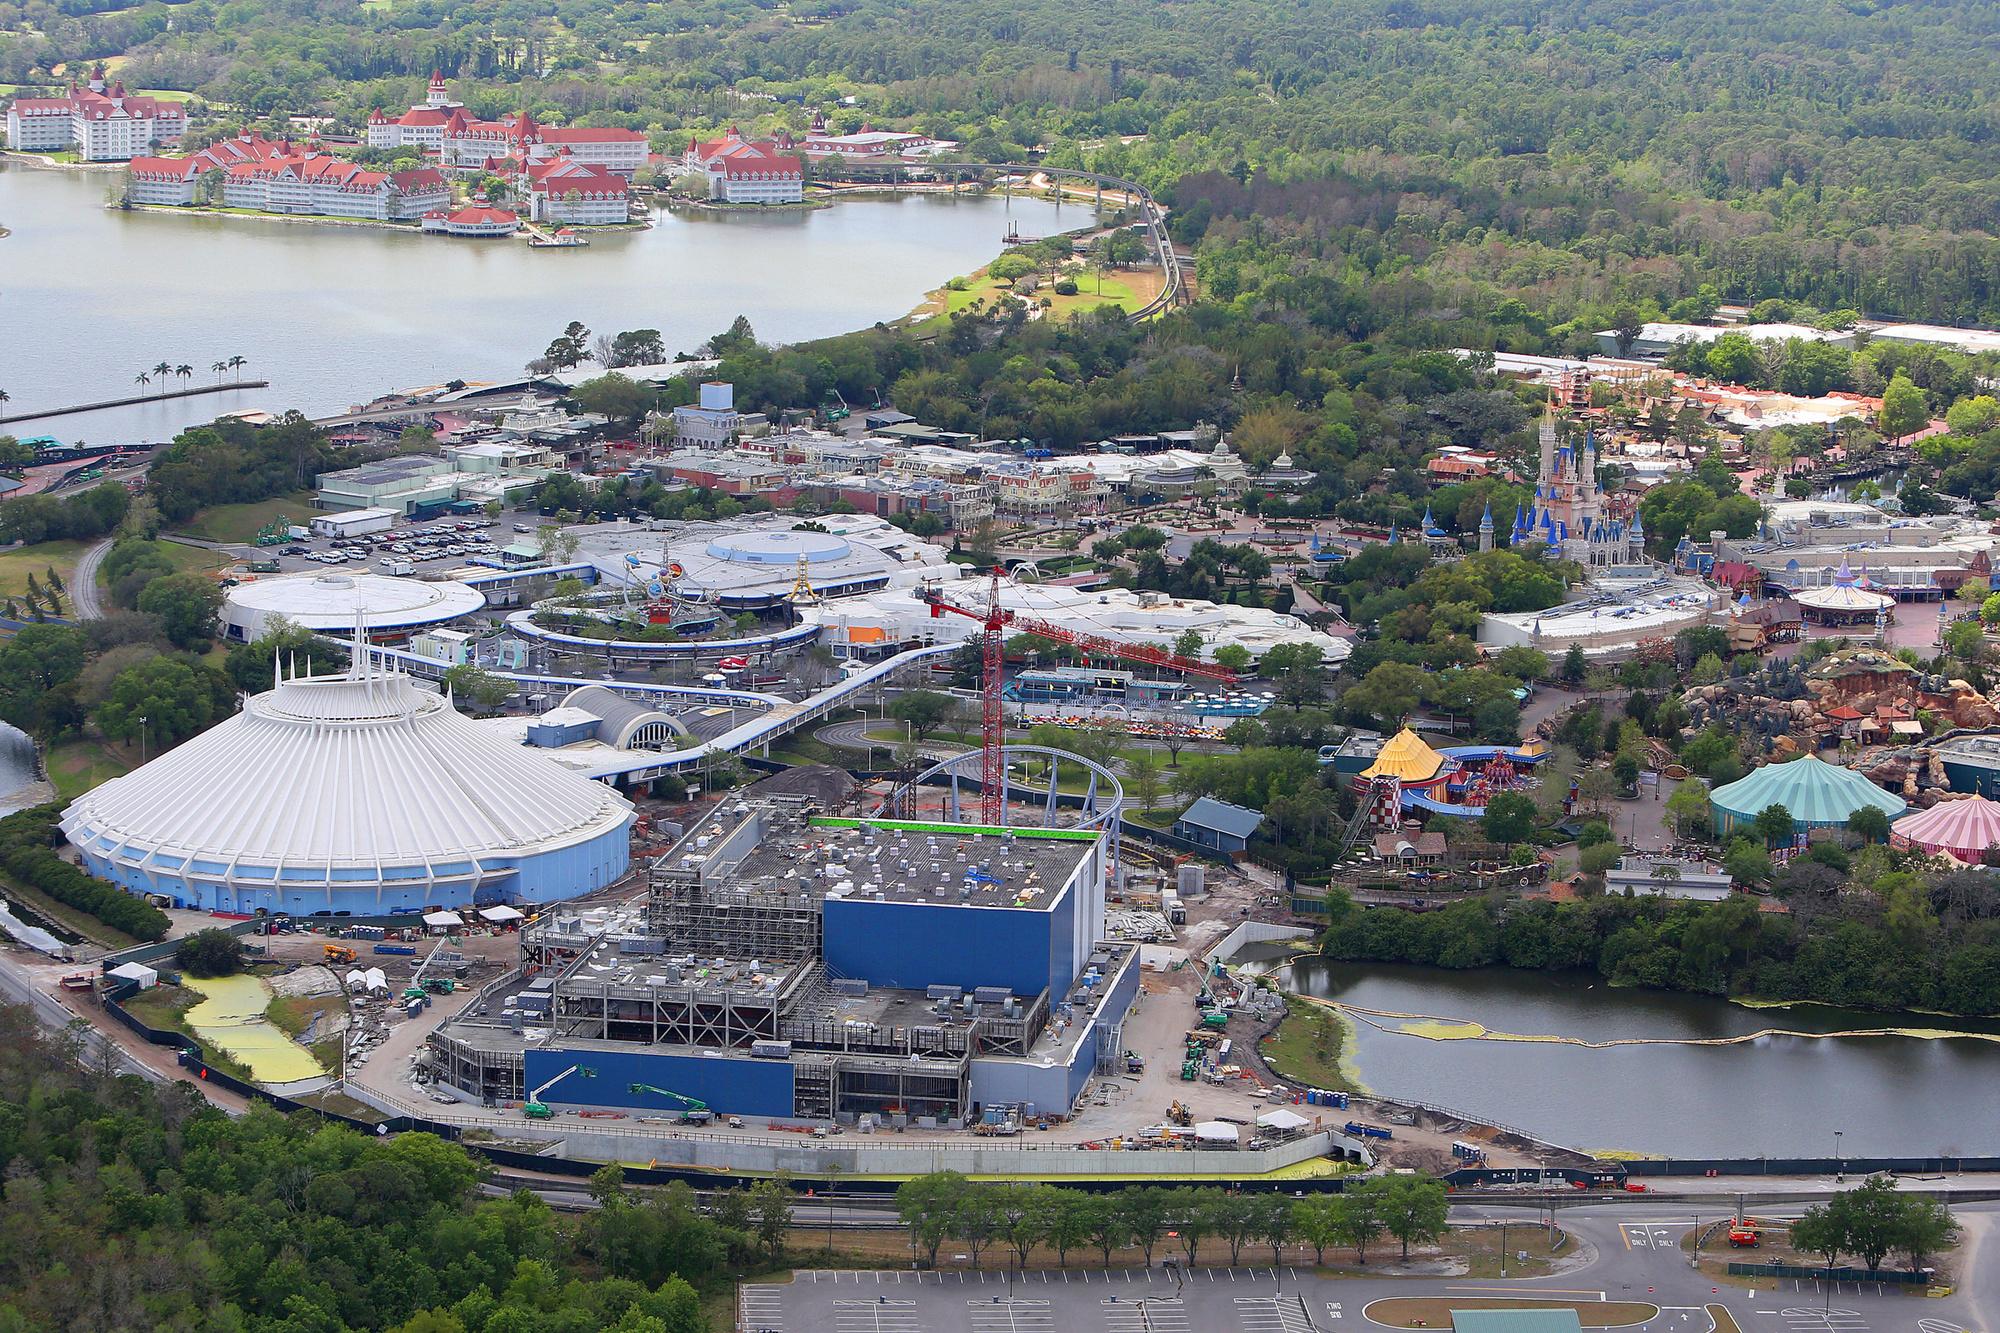 Disney World is een gigantisch complex waar alle NBA-teams onderdak kunnen vinden., GETTY